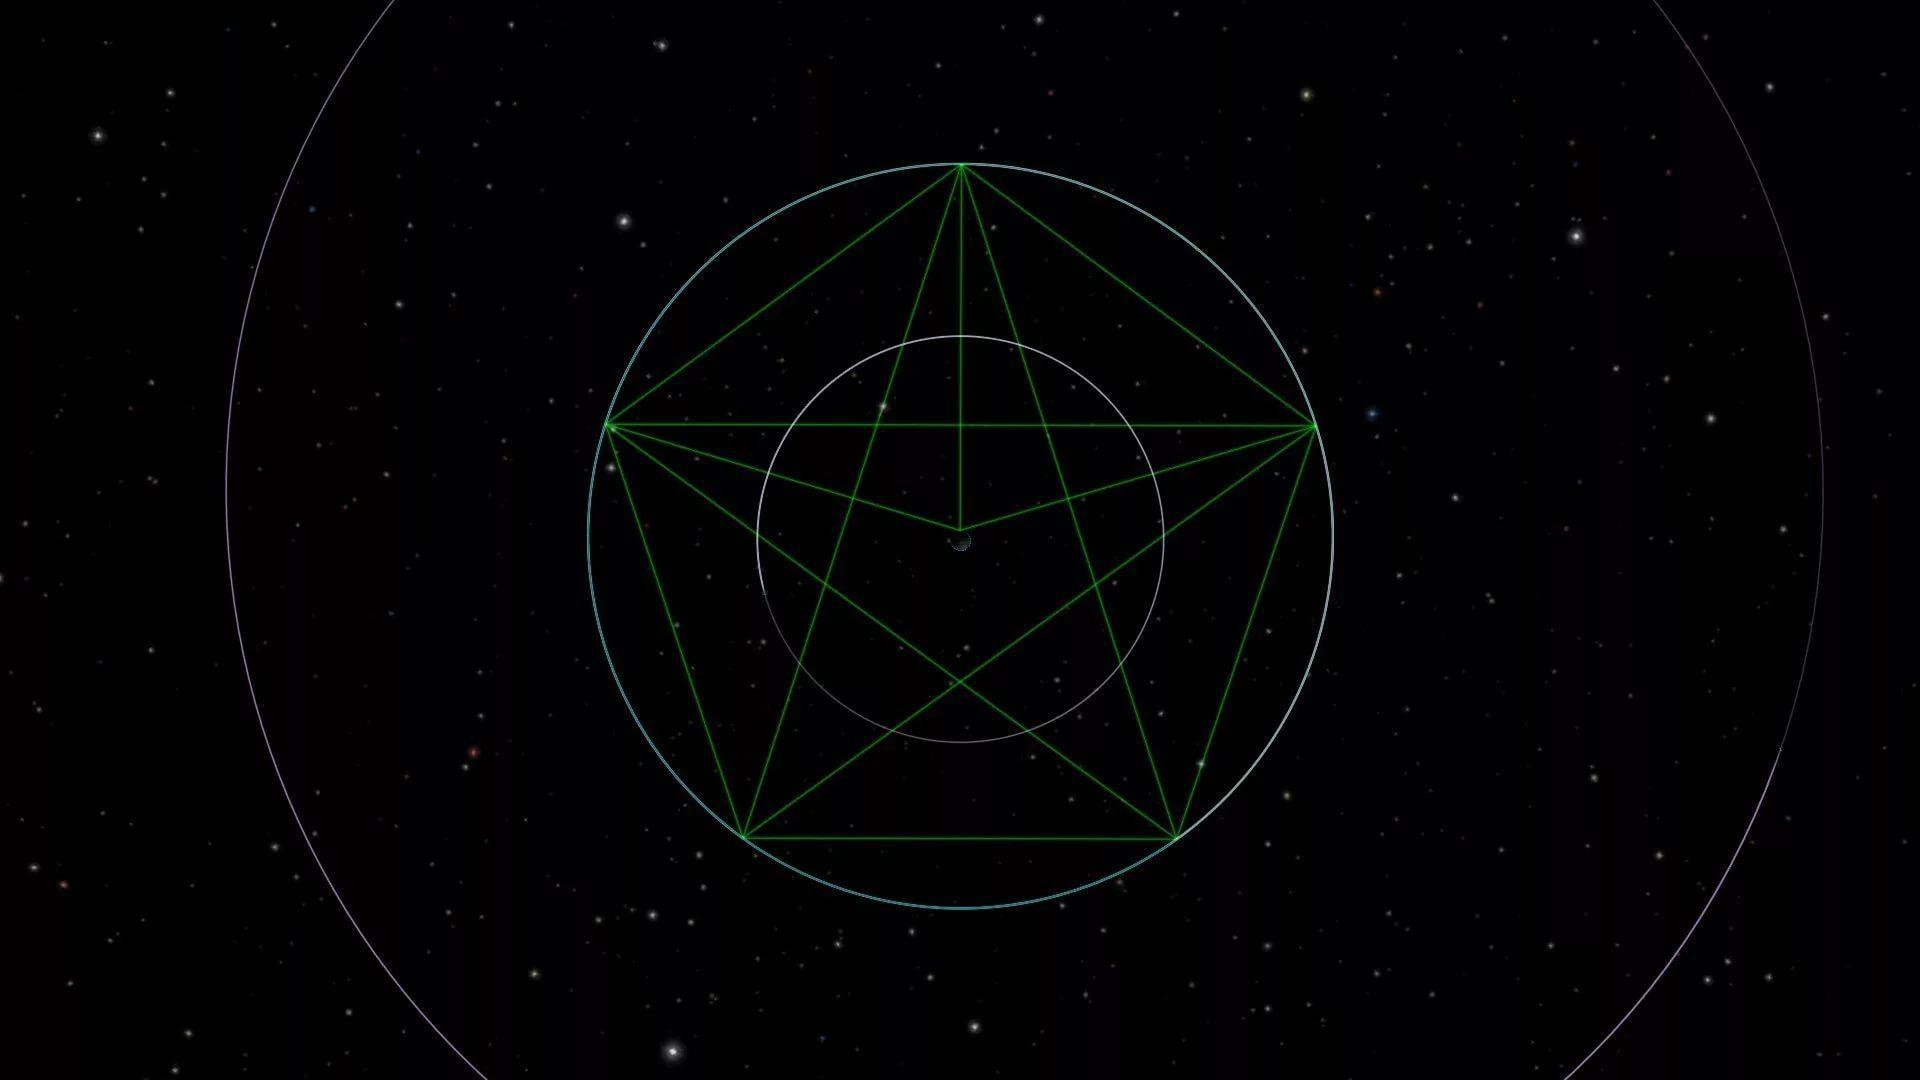 Pentagram High Quality